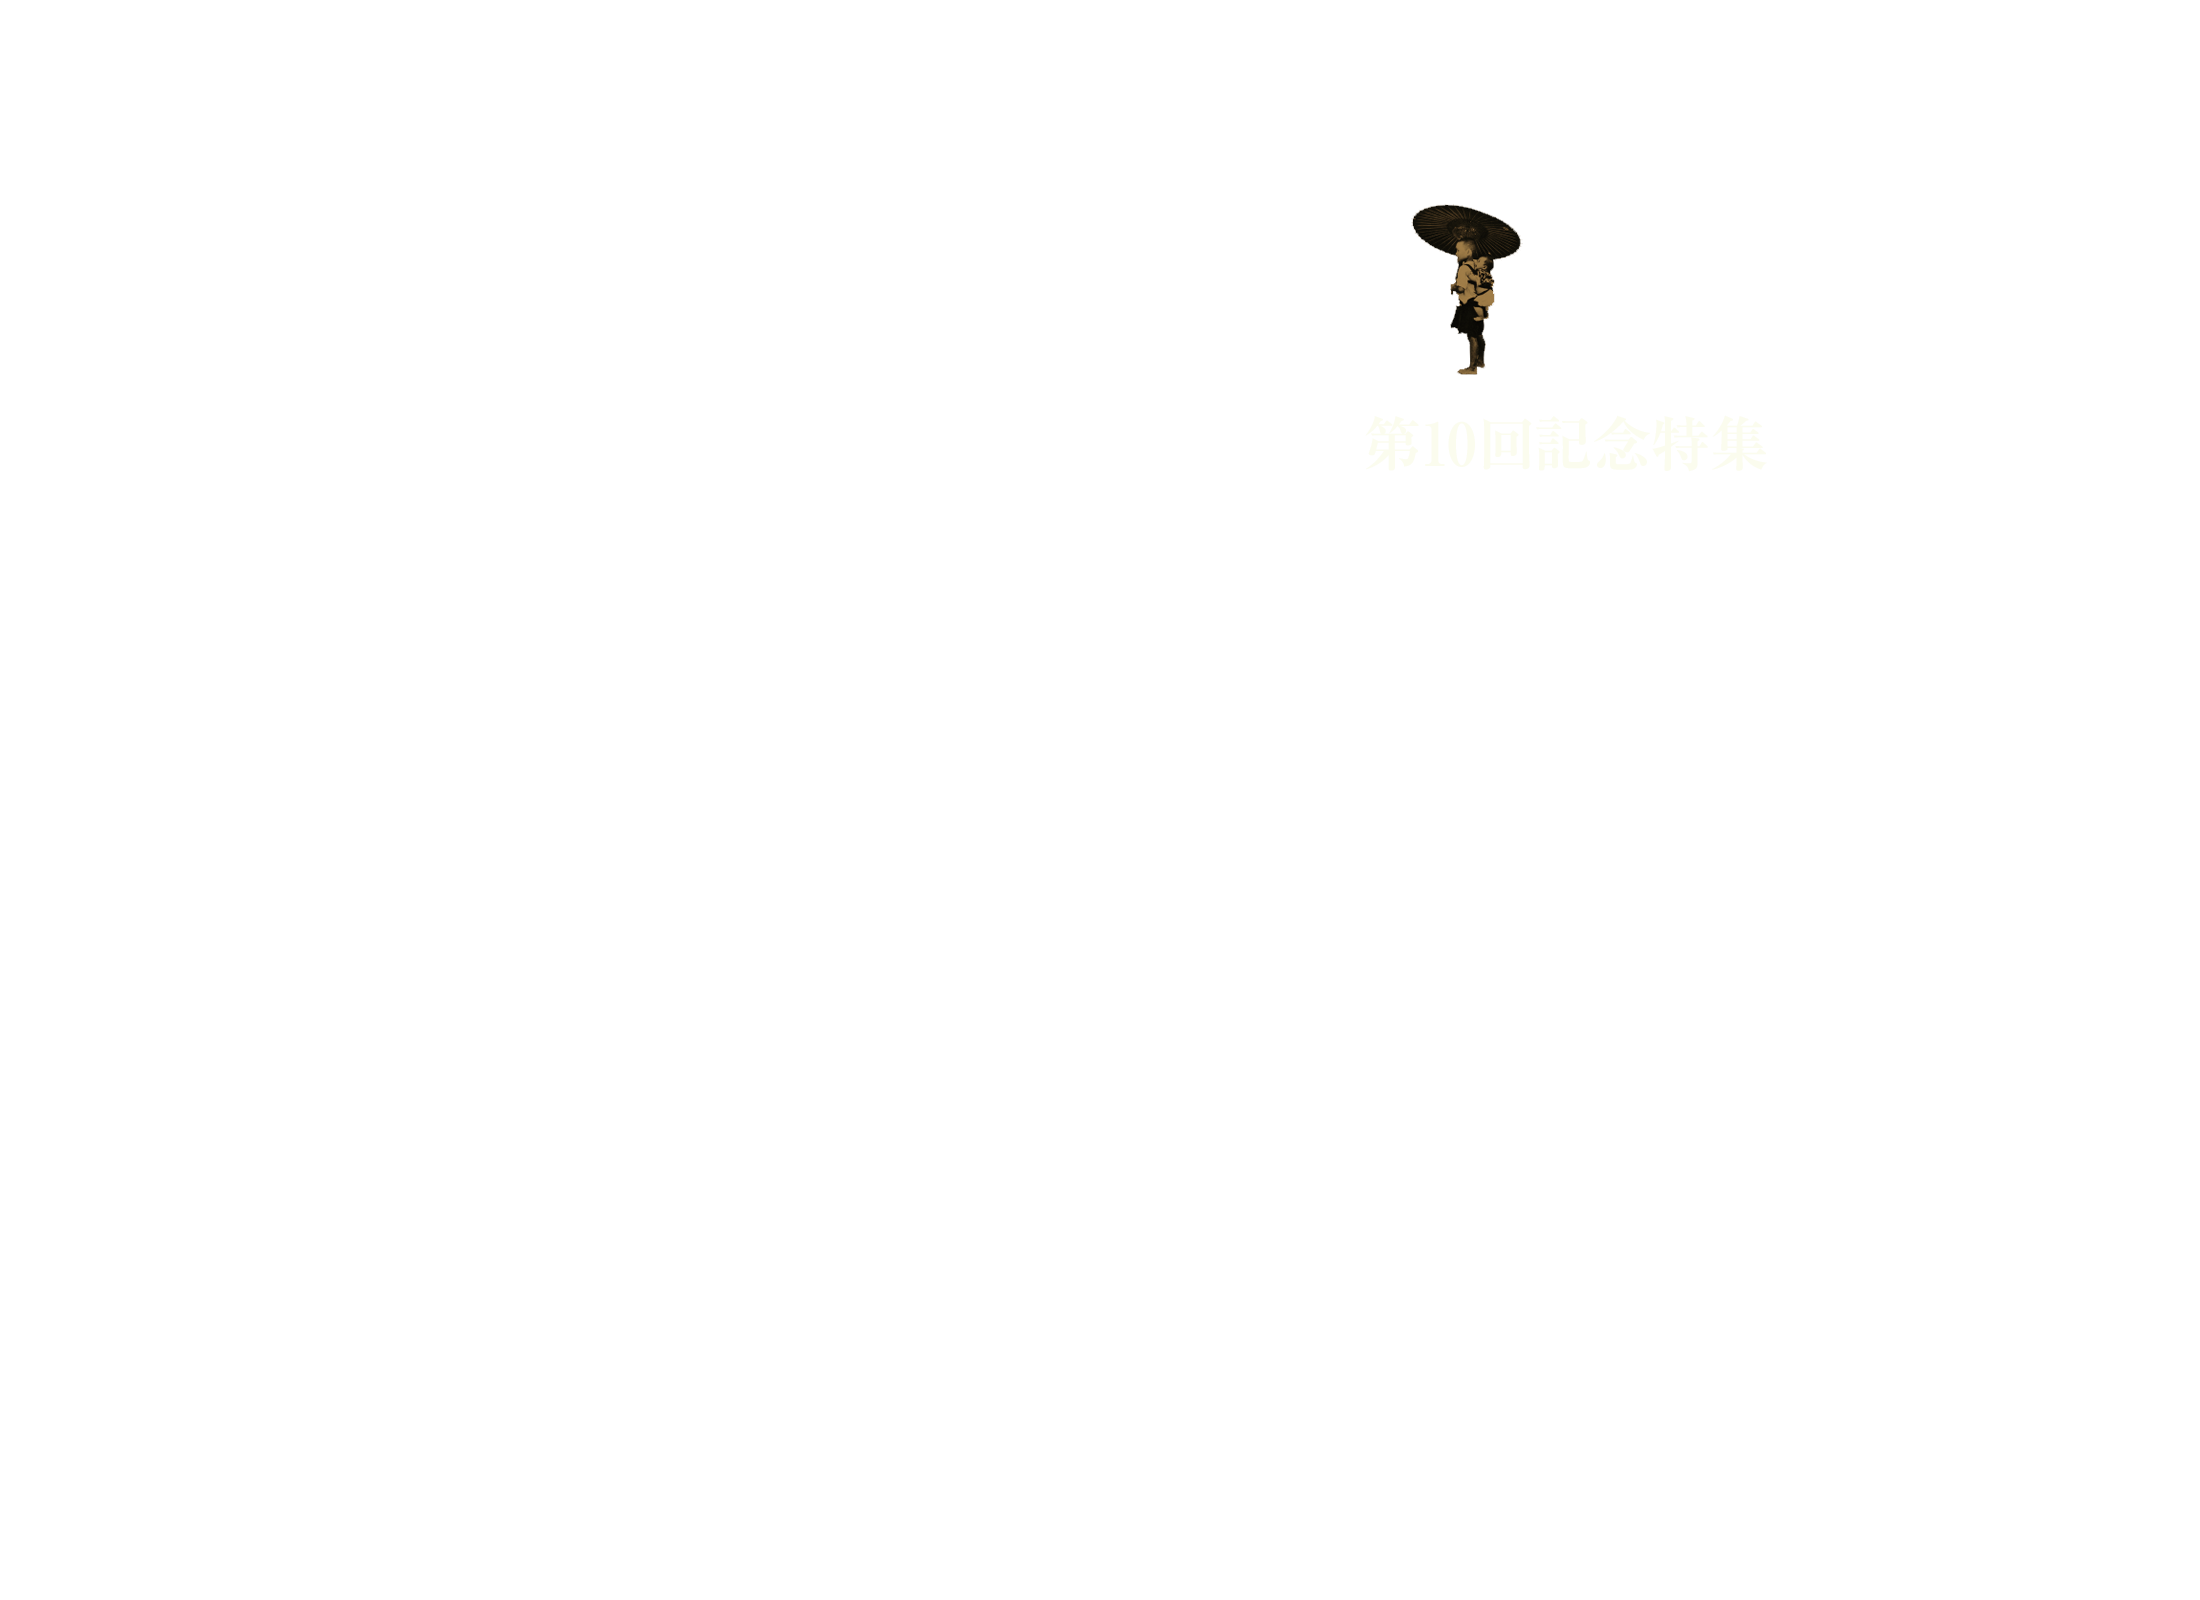 第10回 座・高円寺ドキュメンタリーフェスティバル